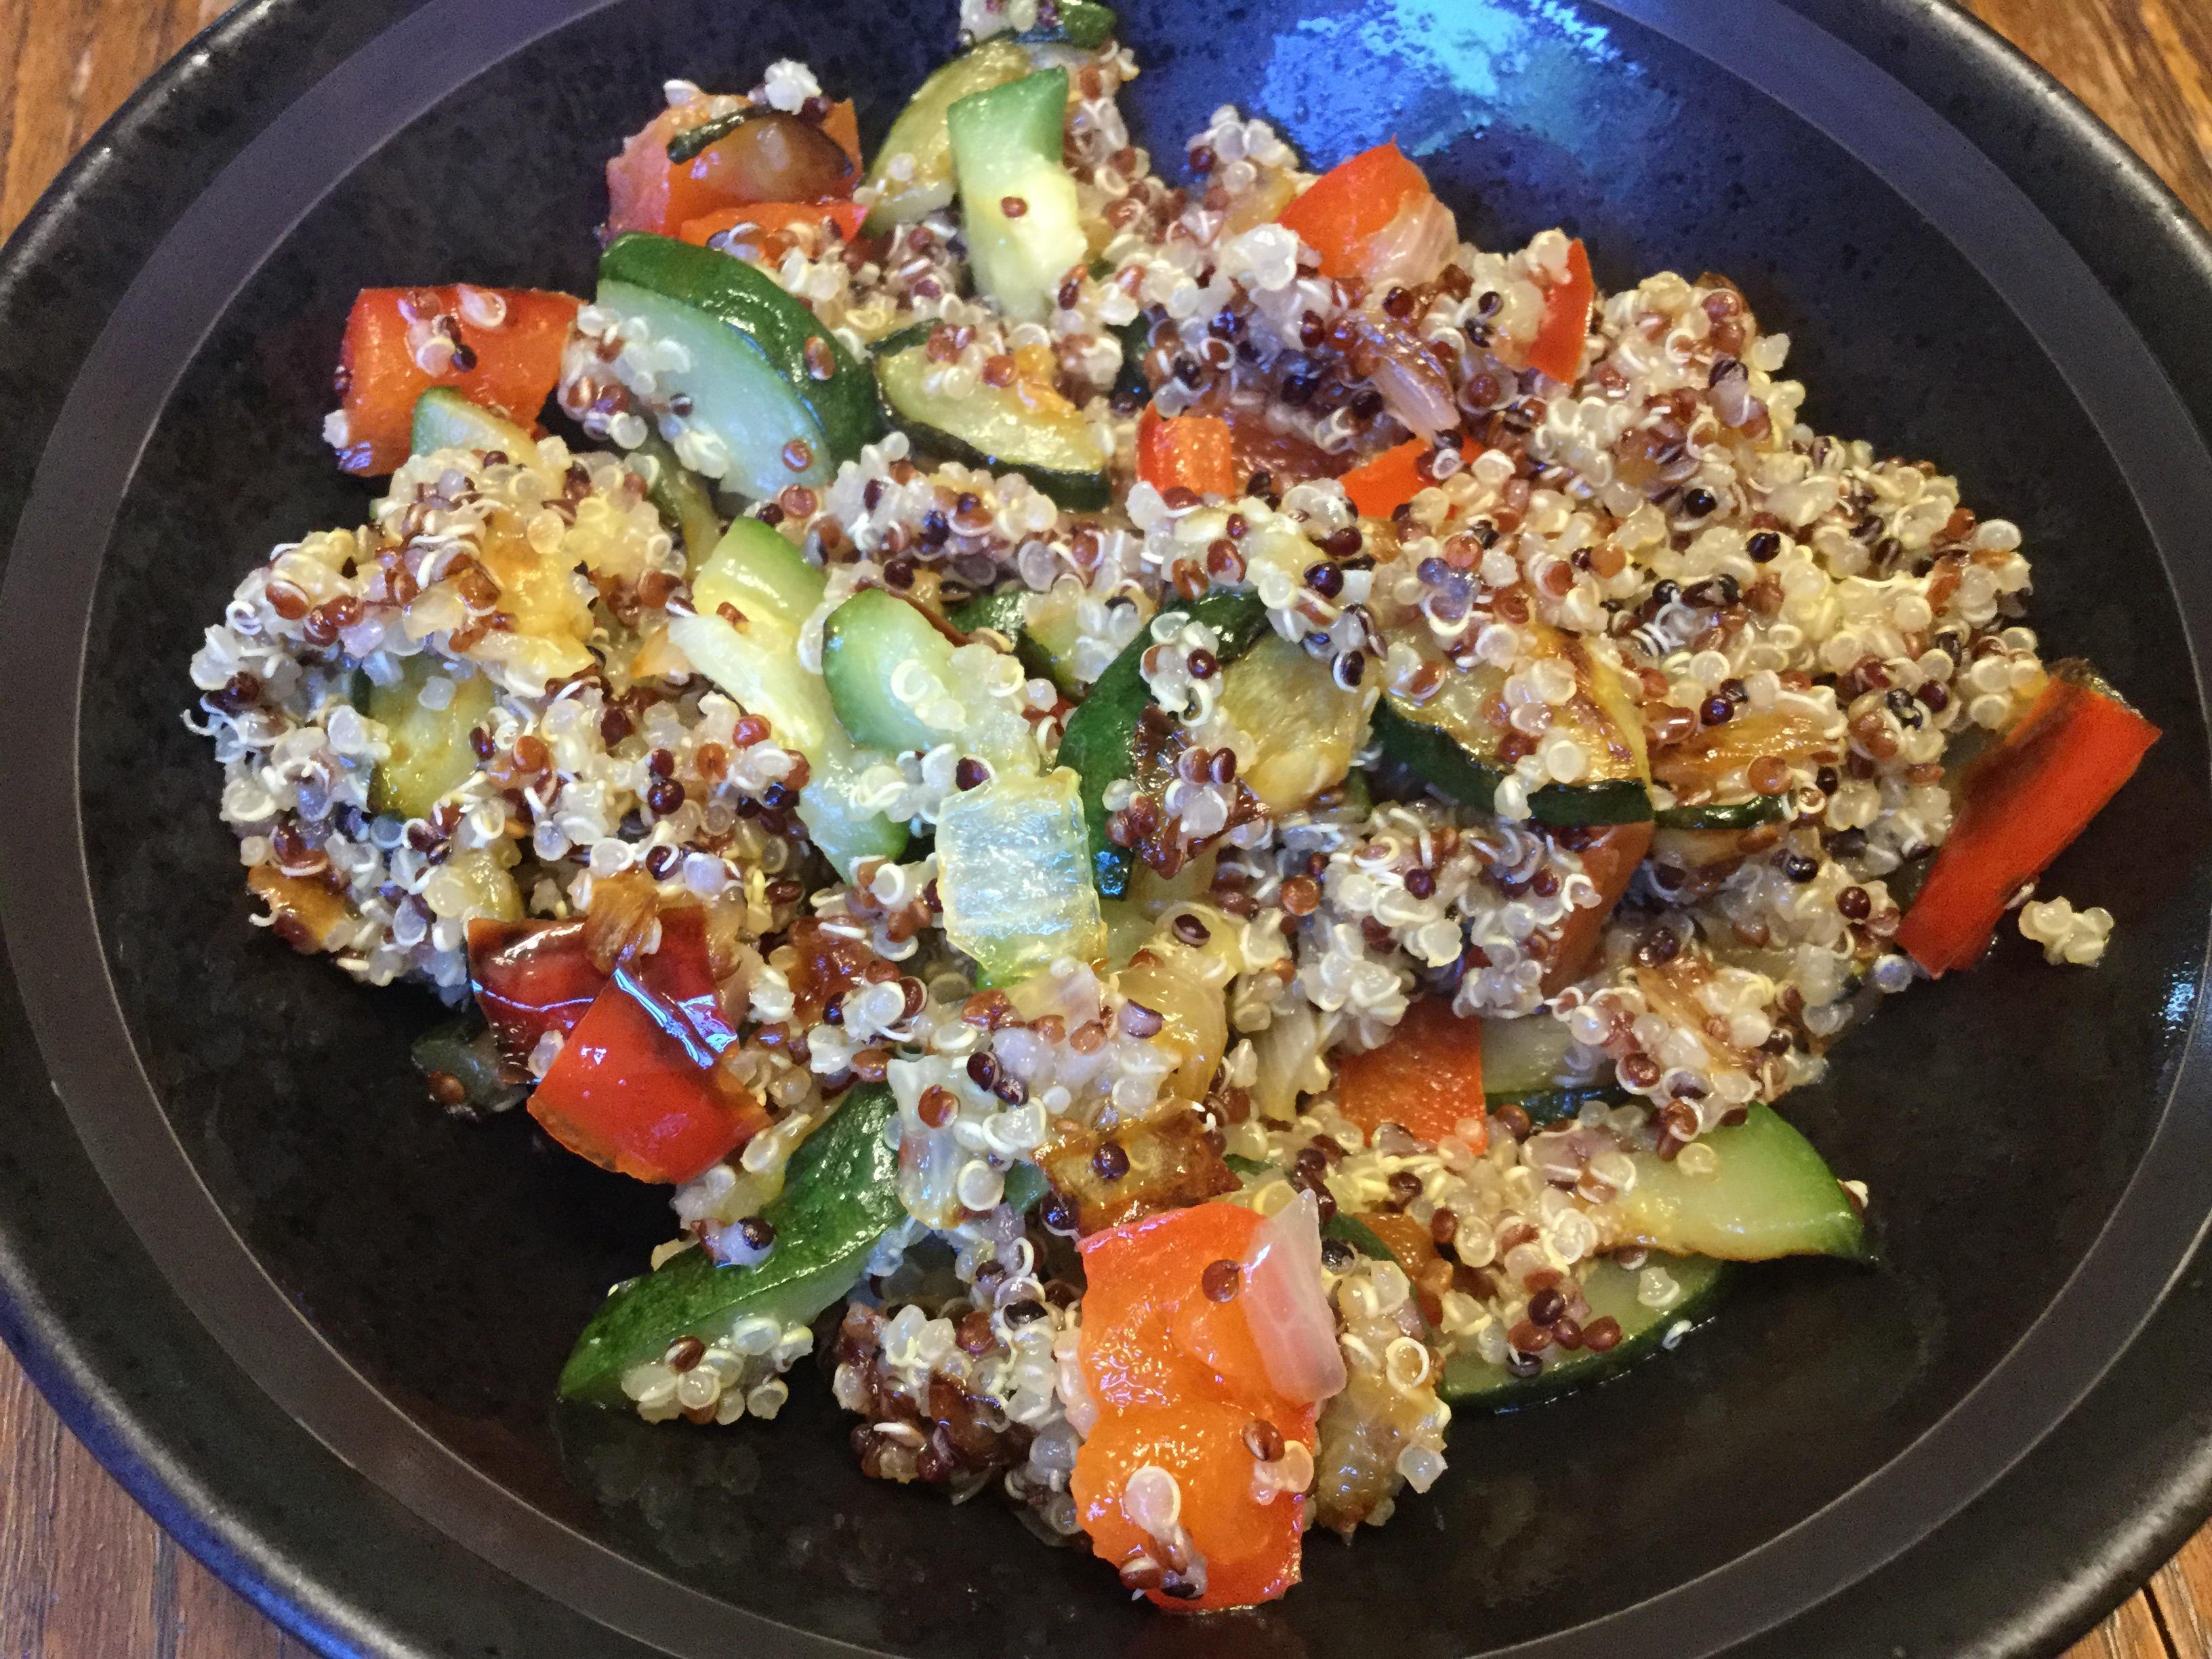 Lentil, Quinoa, and Mung Bean Salad manella